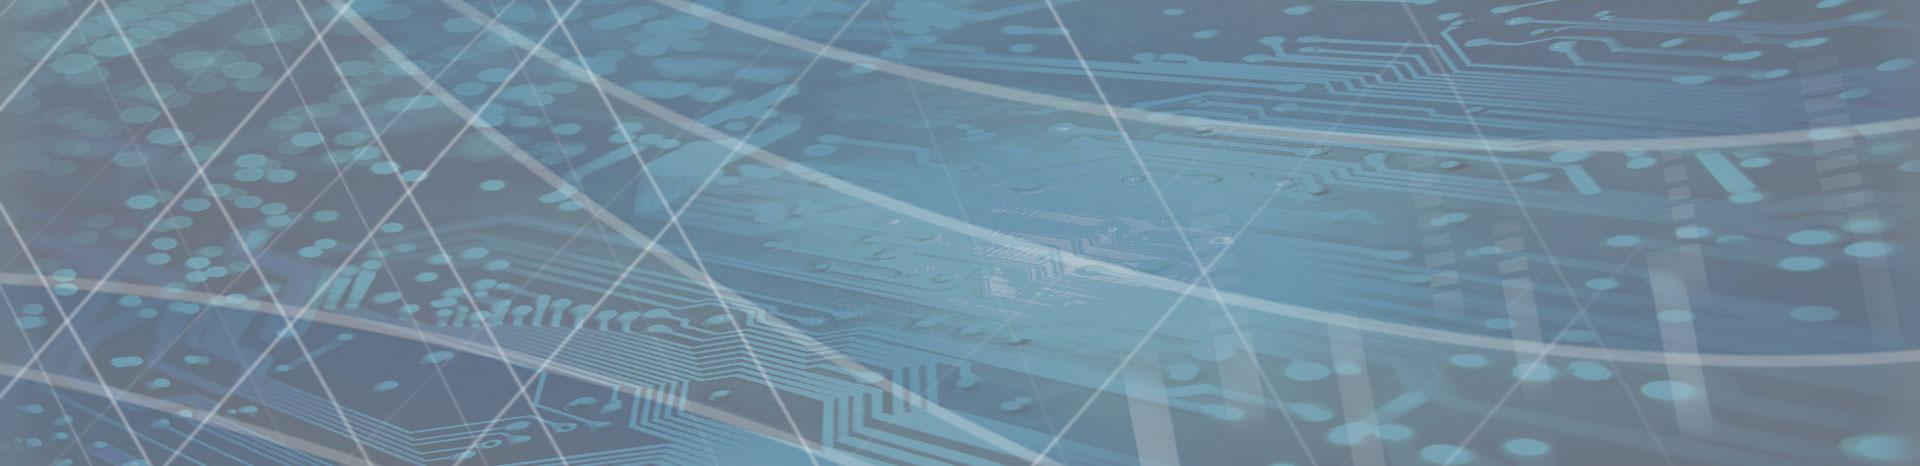 ilektroniko-systima-katametrisis-eisodou-exodou-pelaton